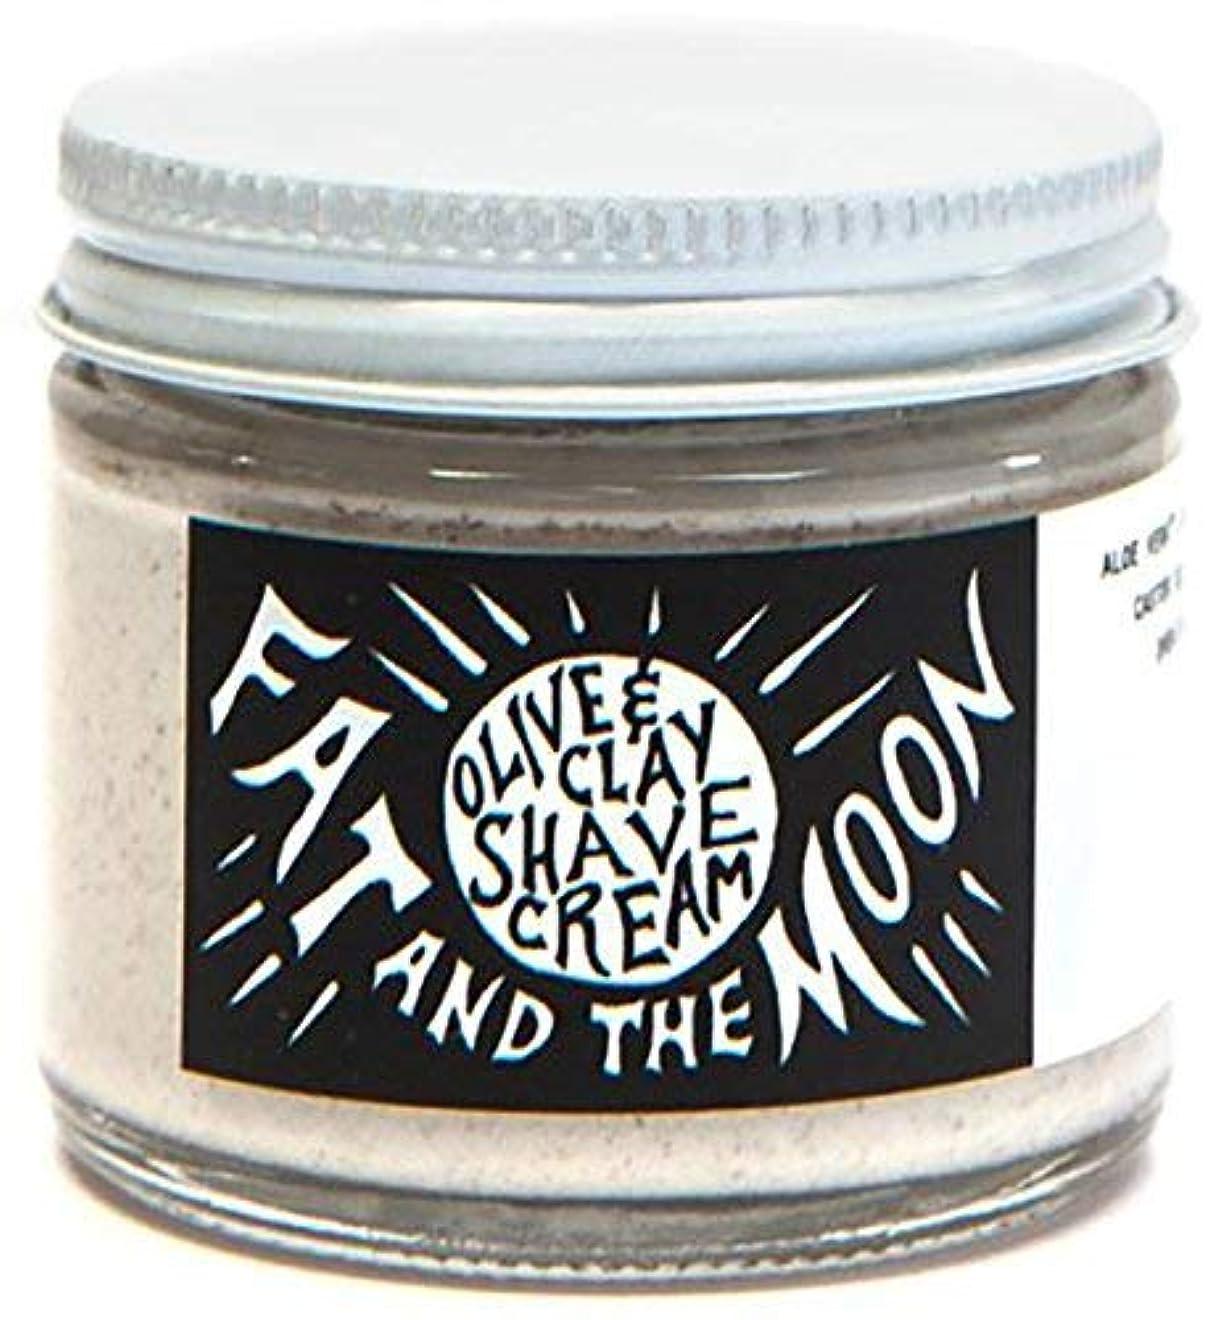 滅びるリフト西部Fat and The Moon - All Natural Olive & Clay Shave Cream (2 fl oz) [並行輸入品]